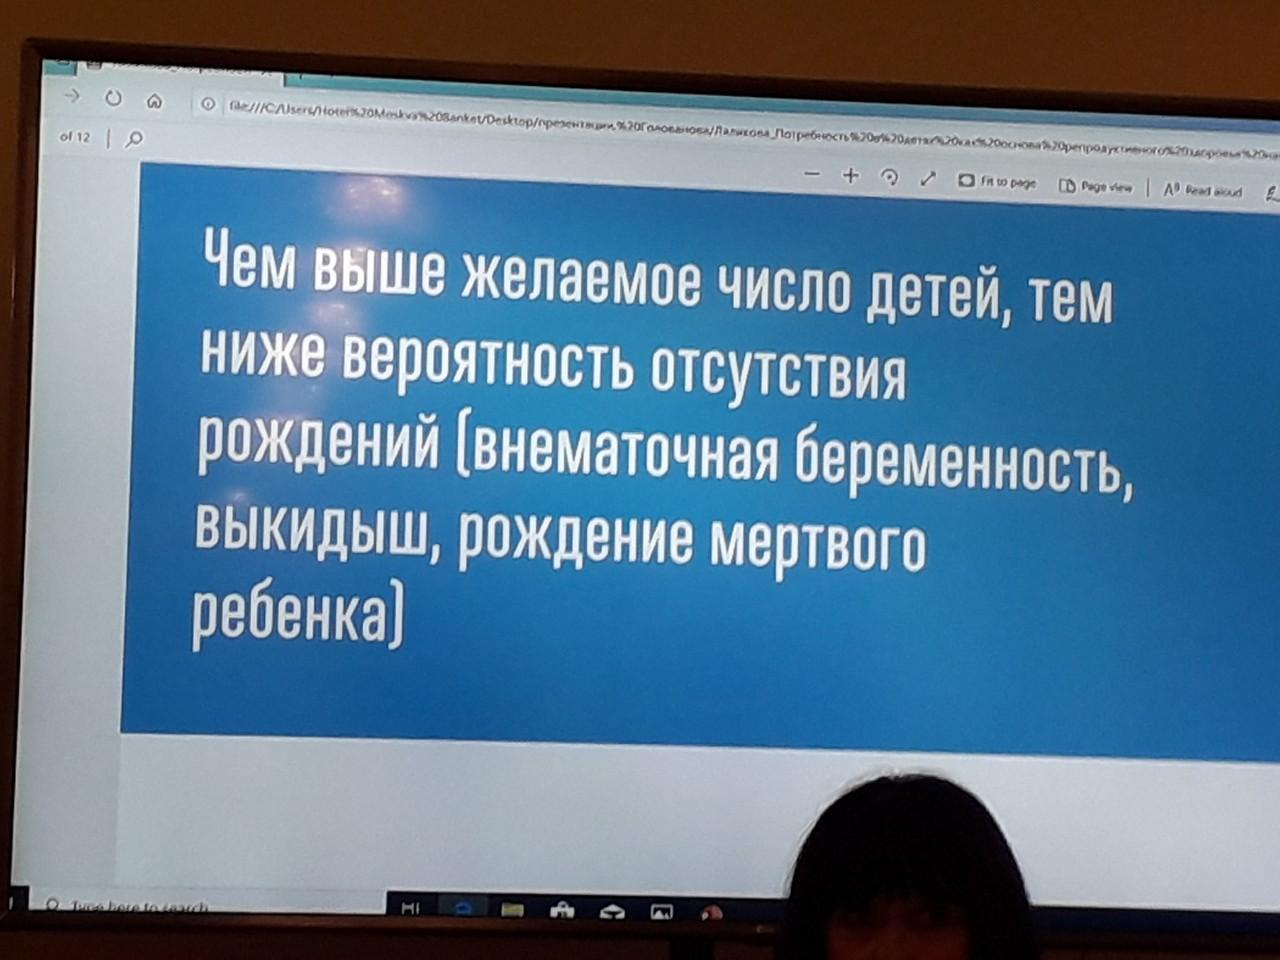 Российские учёные: чем больше детей хотят в семьях, тем ниже риск невынашиваемости